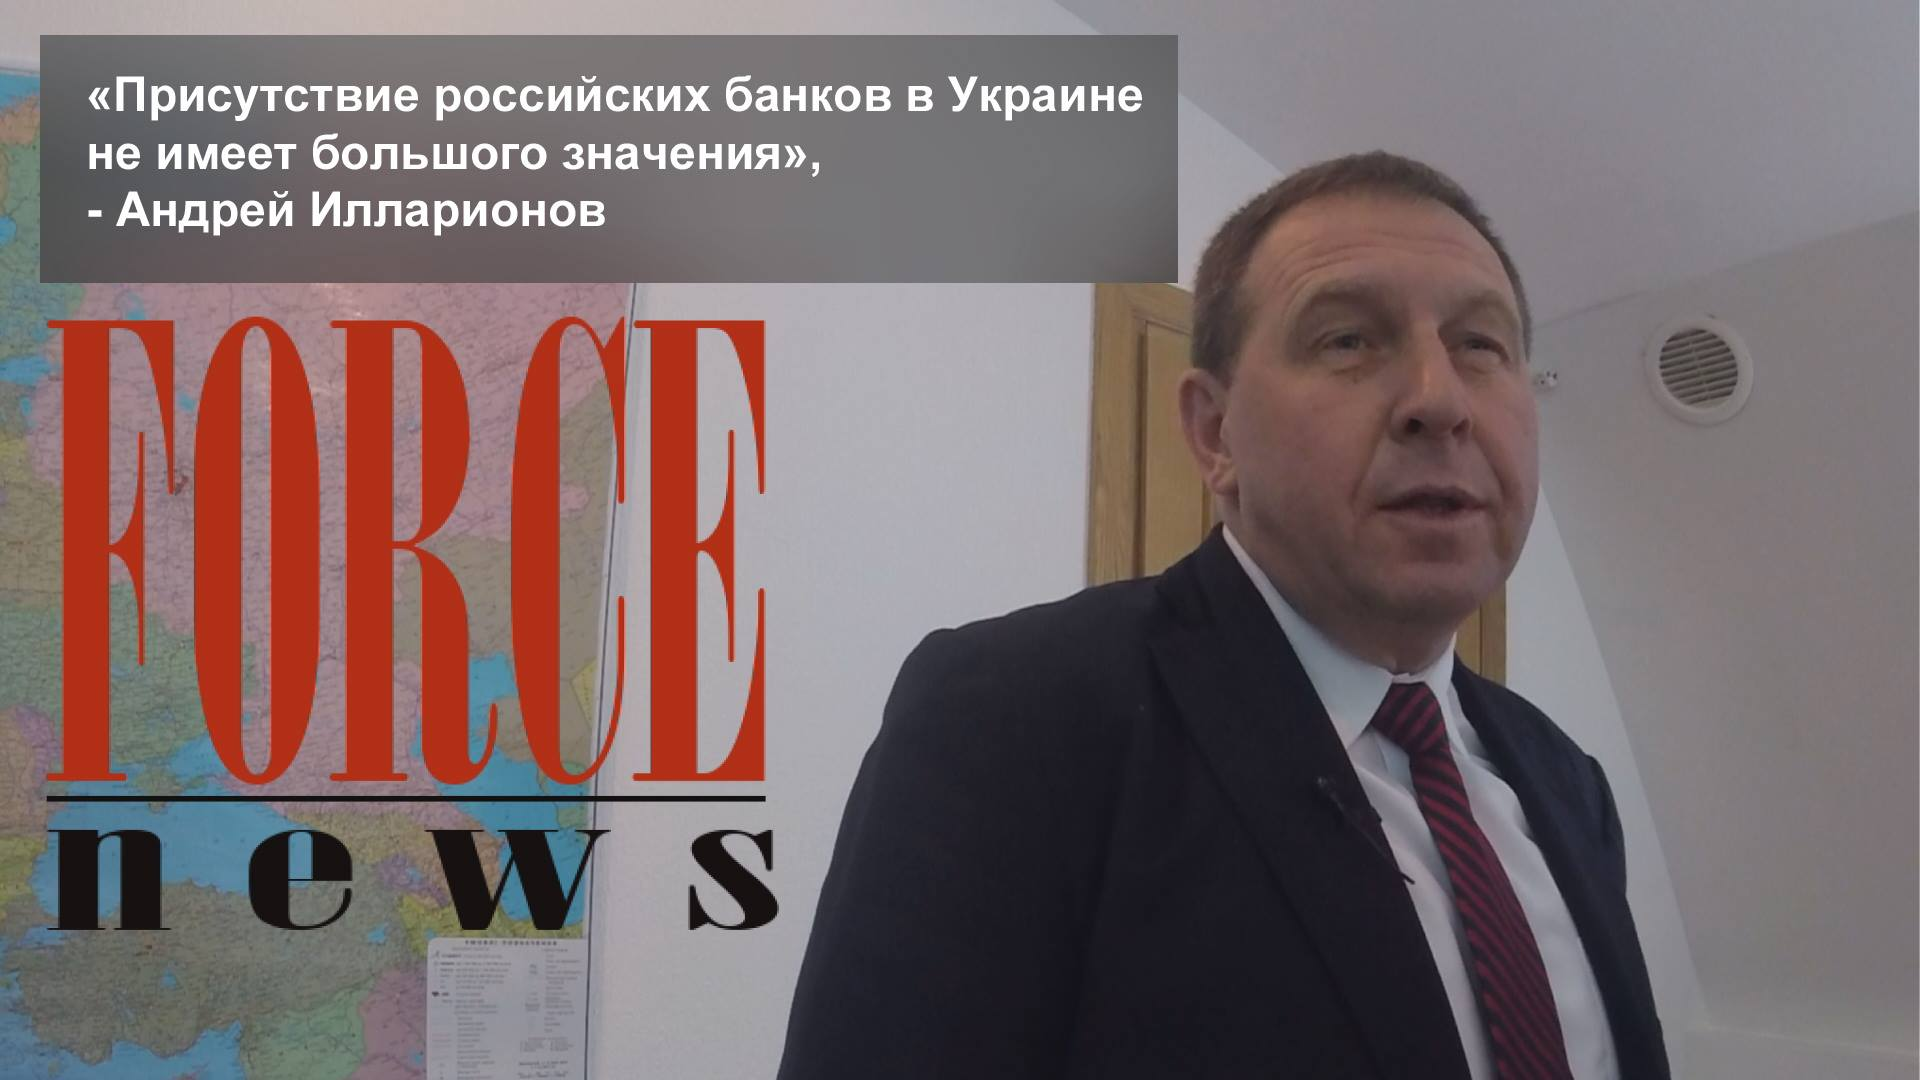 «Присутствие российских банков в Украине не имеет большого значения», – Андрей Илларионов(ВИДЕО)